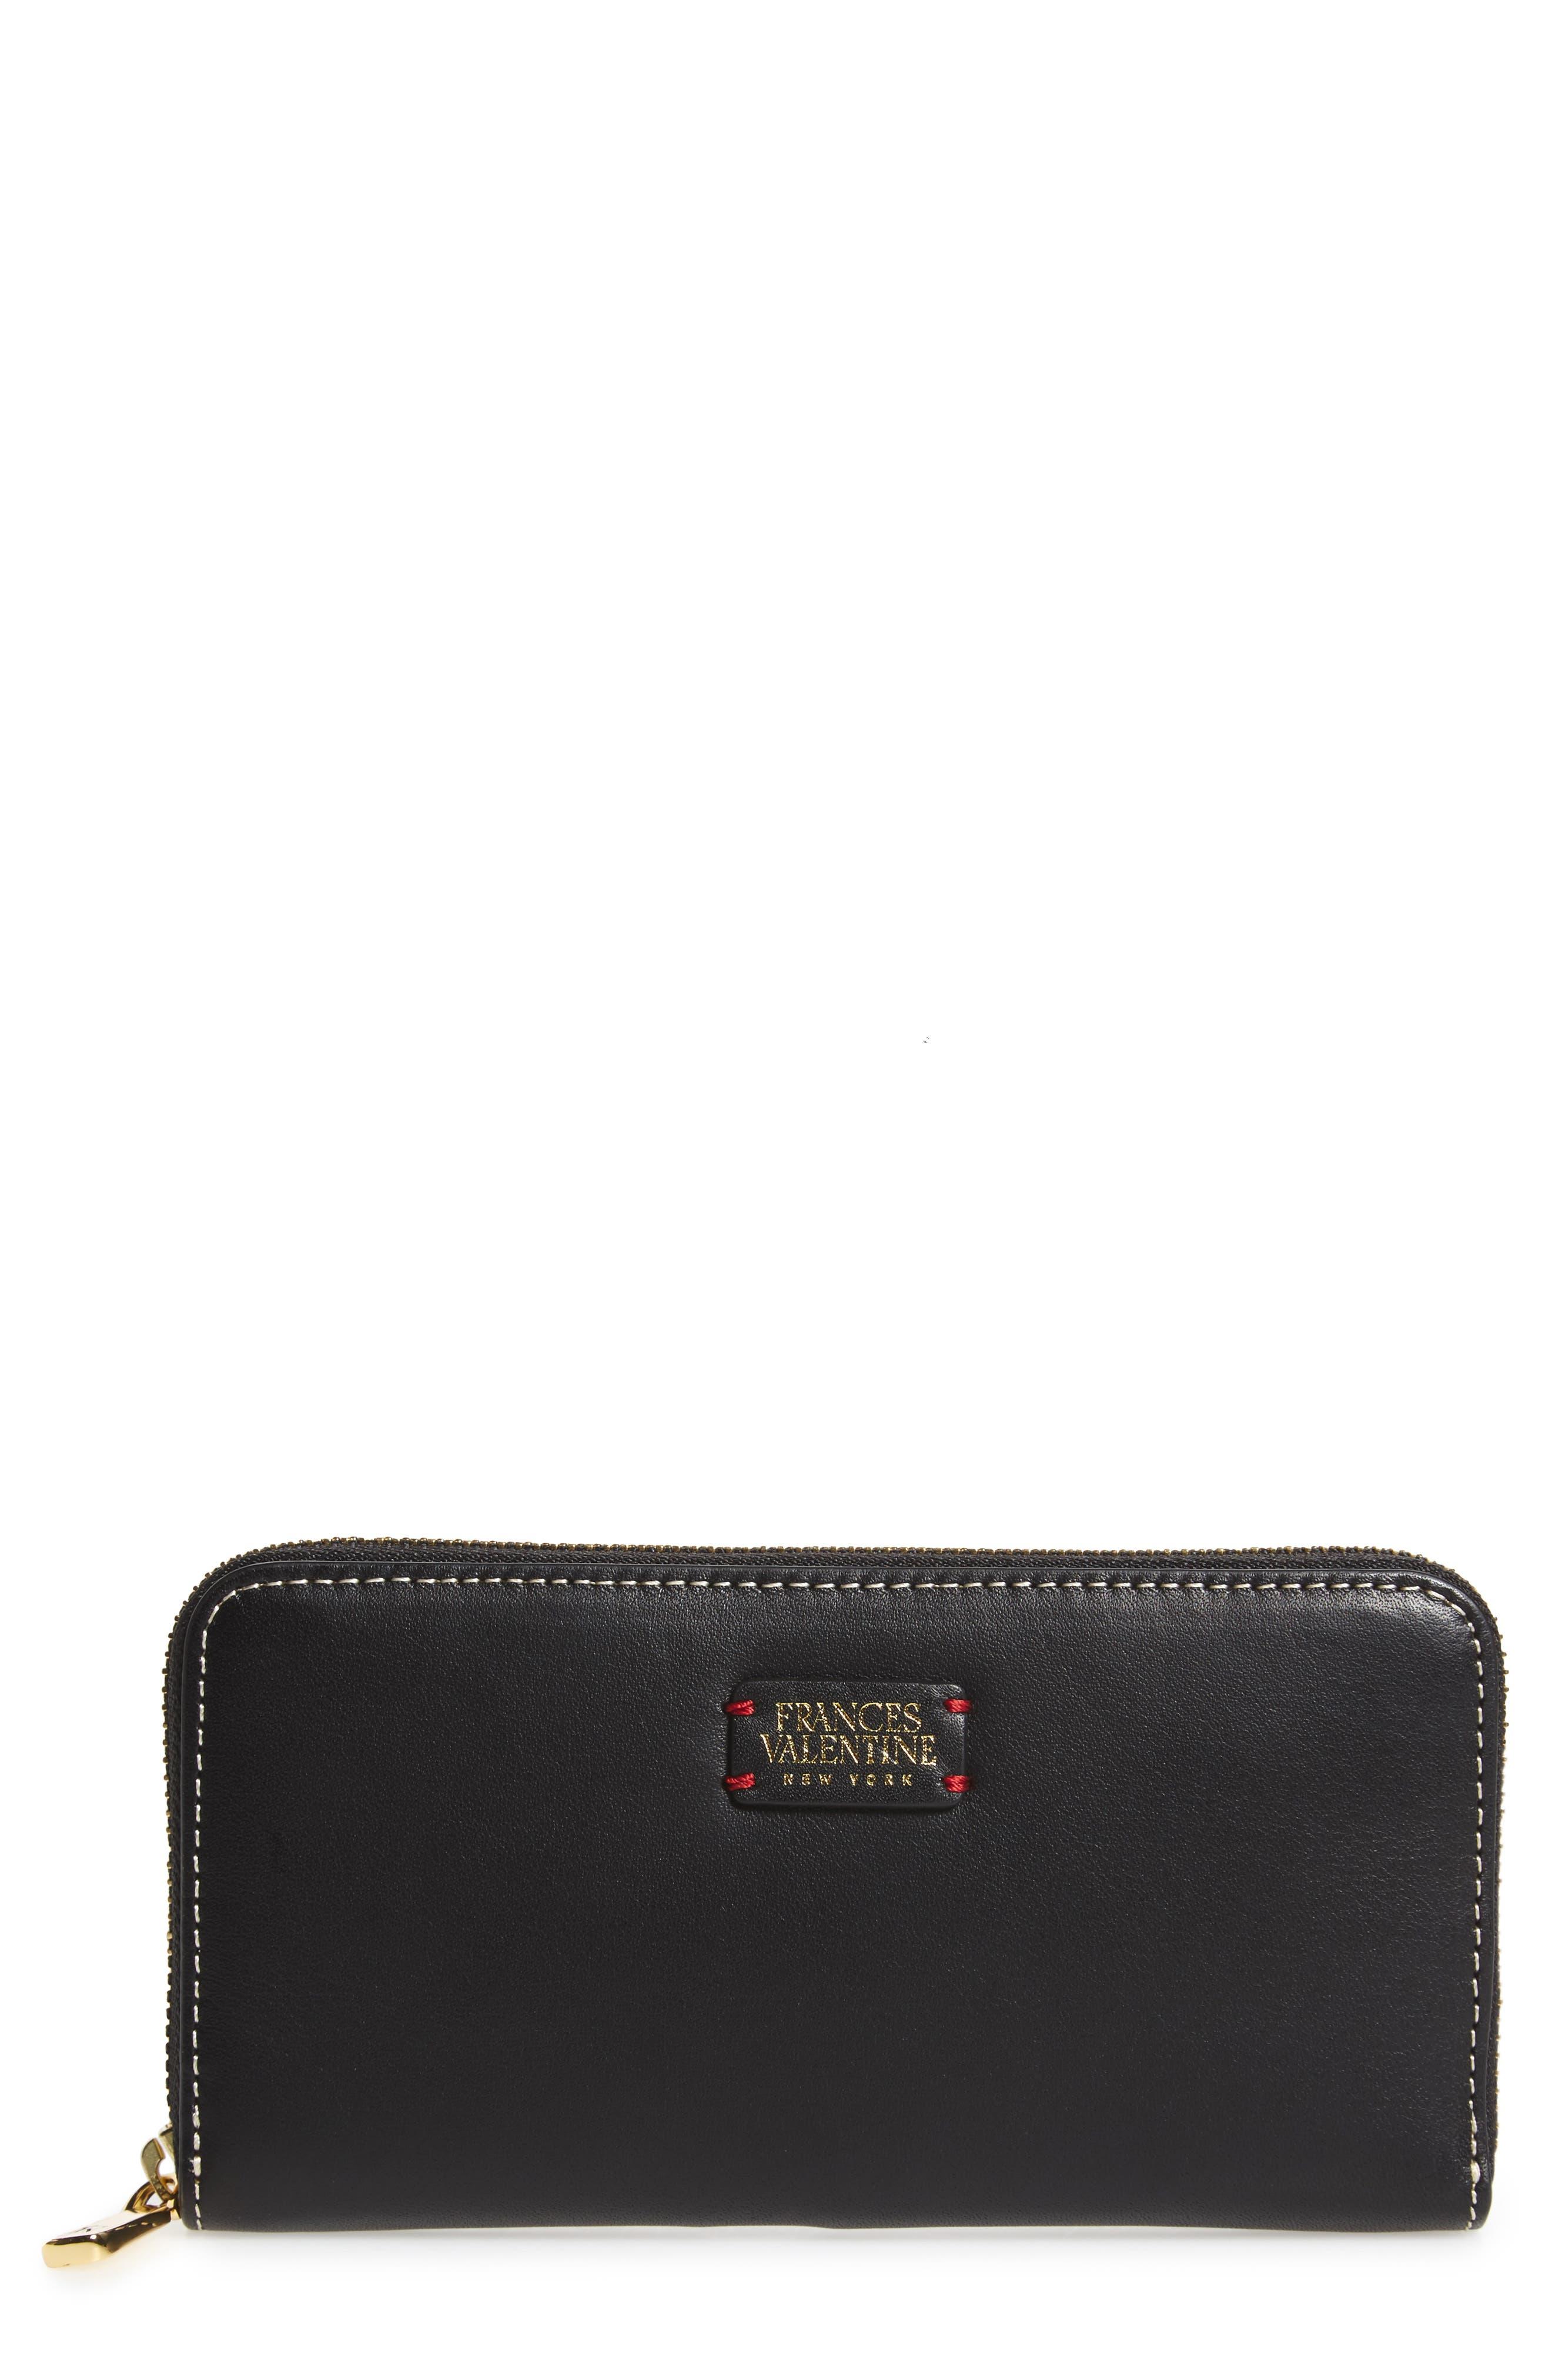 Main Image - Frances Valentine Kennedy Calfskin Leather Zip Around Wallet